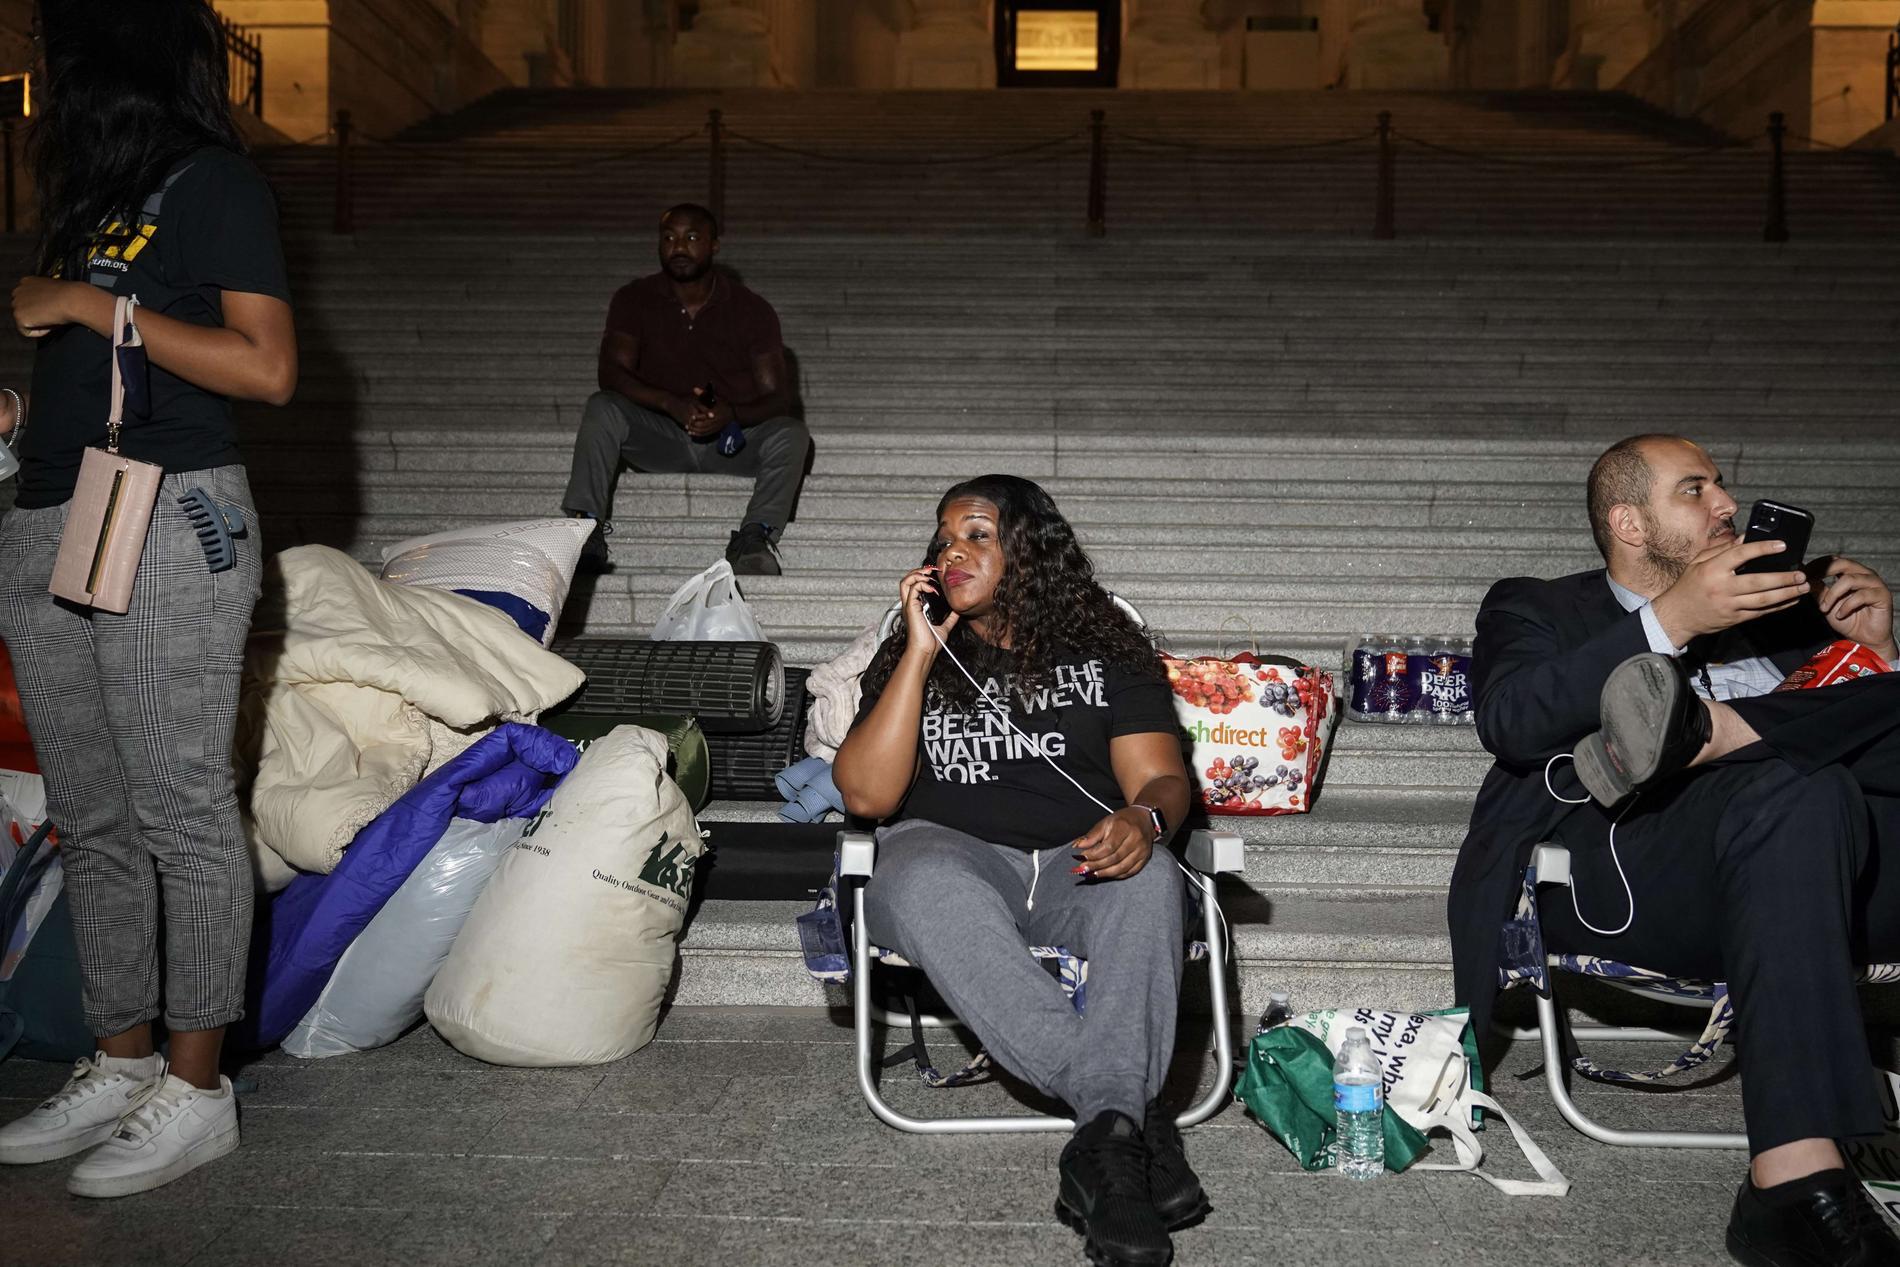 Kongressledamoten Cori Bush och hennes anhängare tillbringade natten utanför kongressbyggnaden i Washington med krav på att ett stopp för vräkningar ska förlängas.